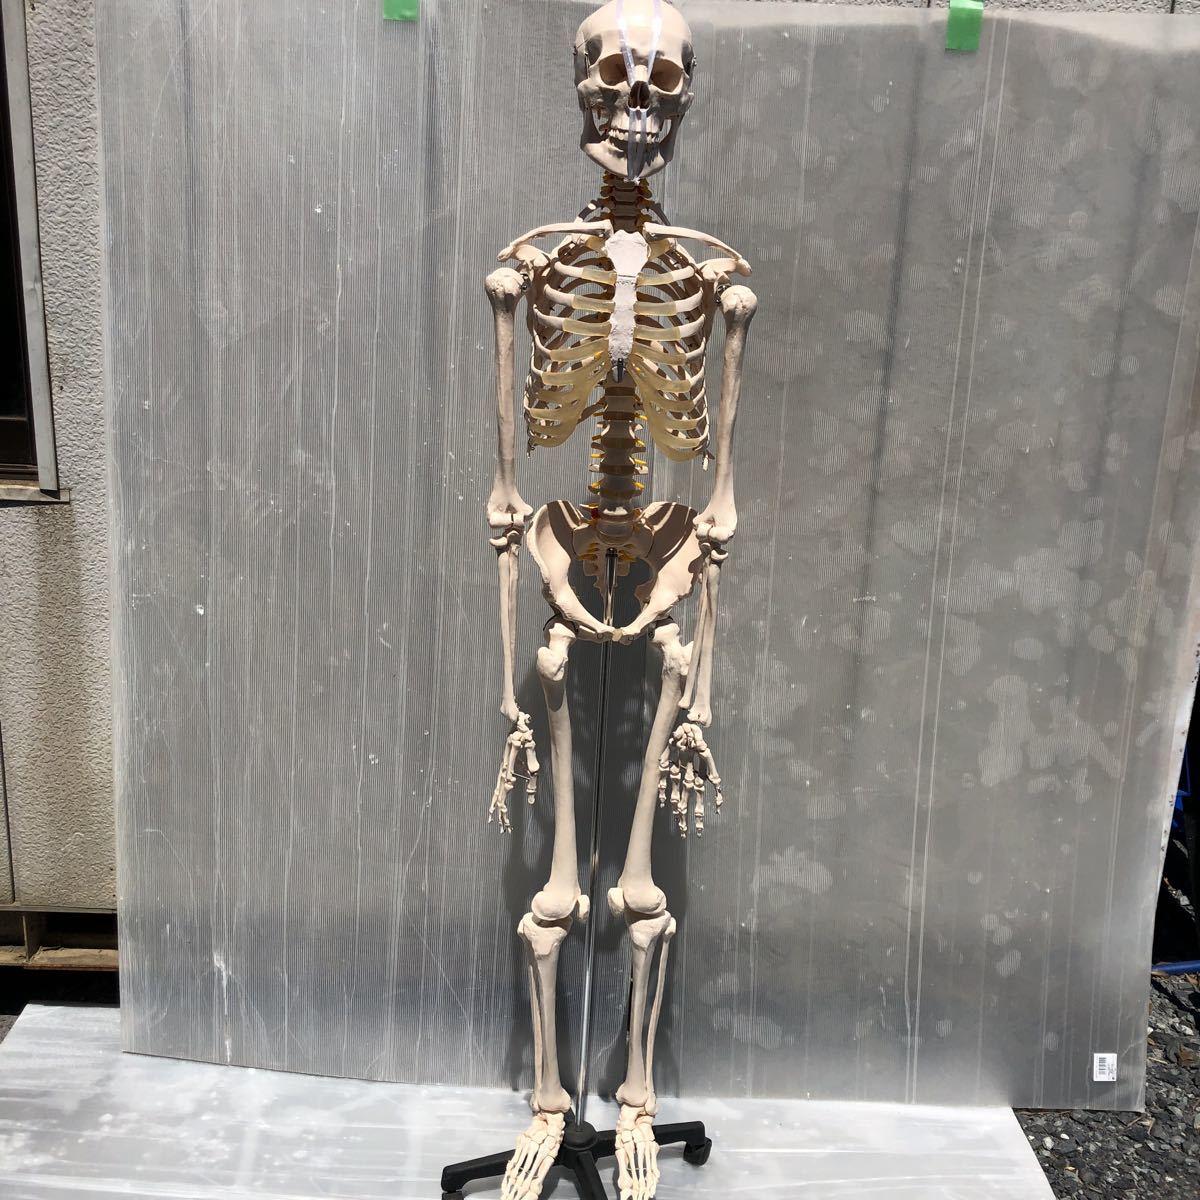 【美品】人体模型 骨格模型 骨格標本 等身大 ヒューマンスカル ガイコツ スカル 約165cm 医学 実験 骸骨 ジャンク 直接取引可能(矢199)